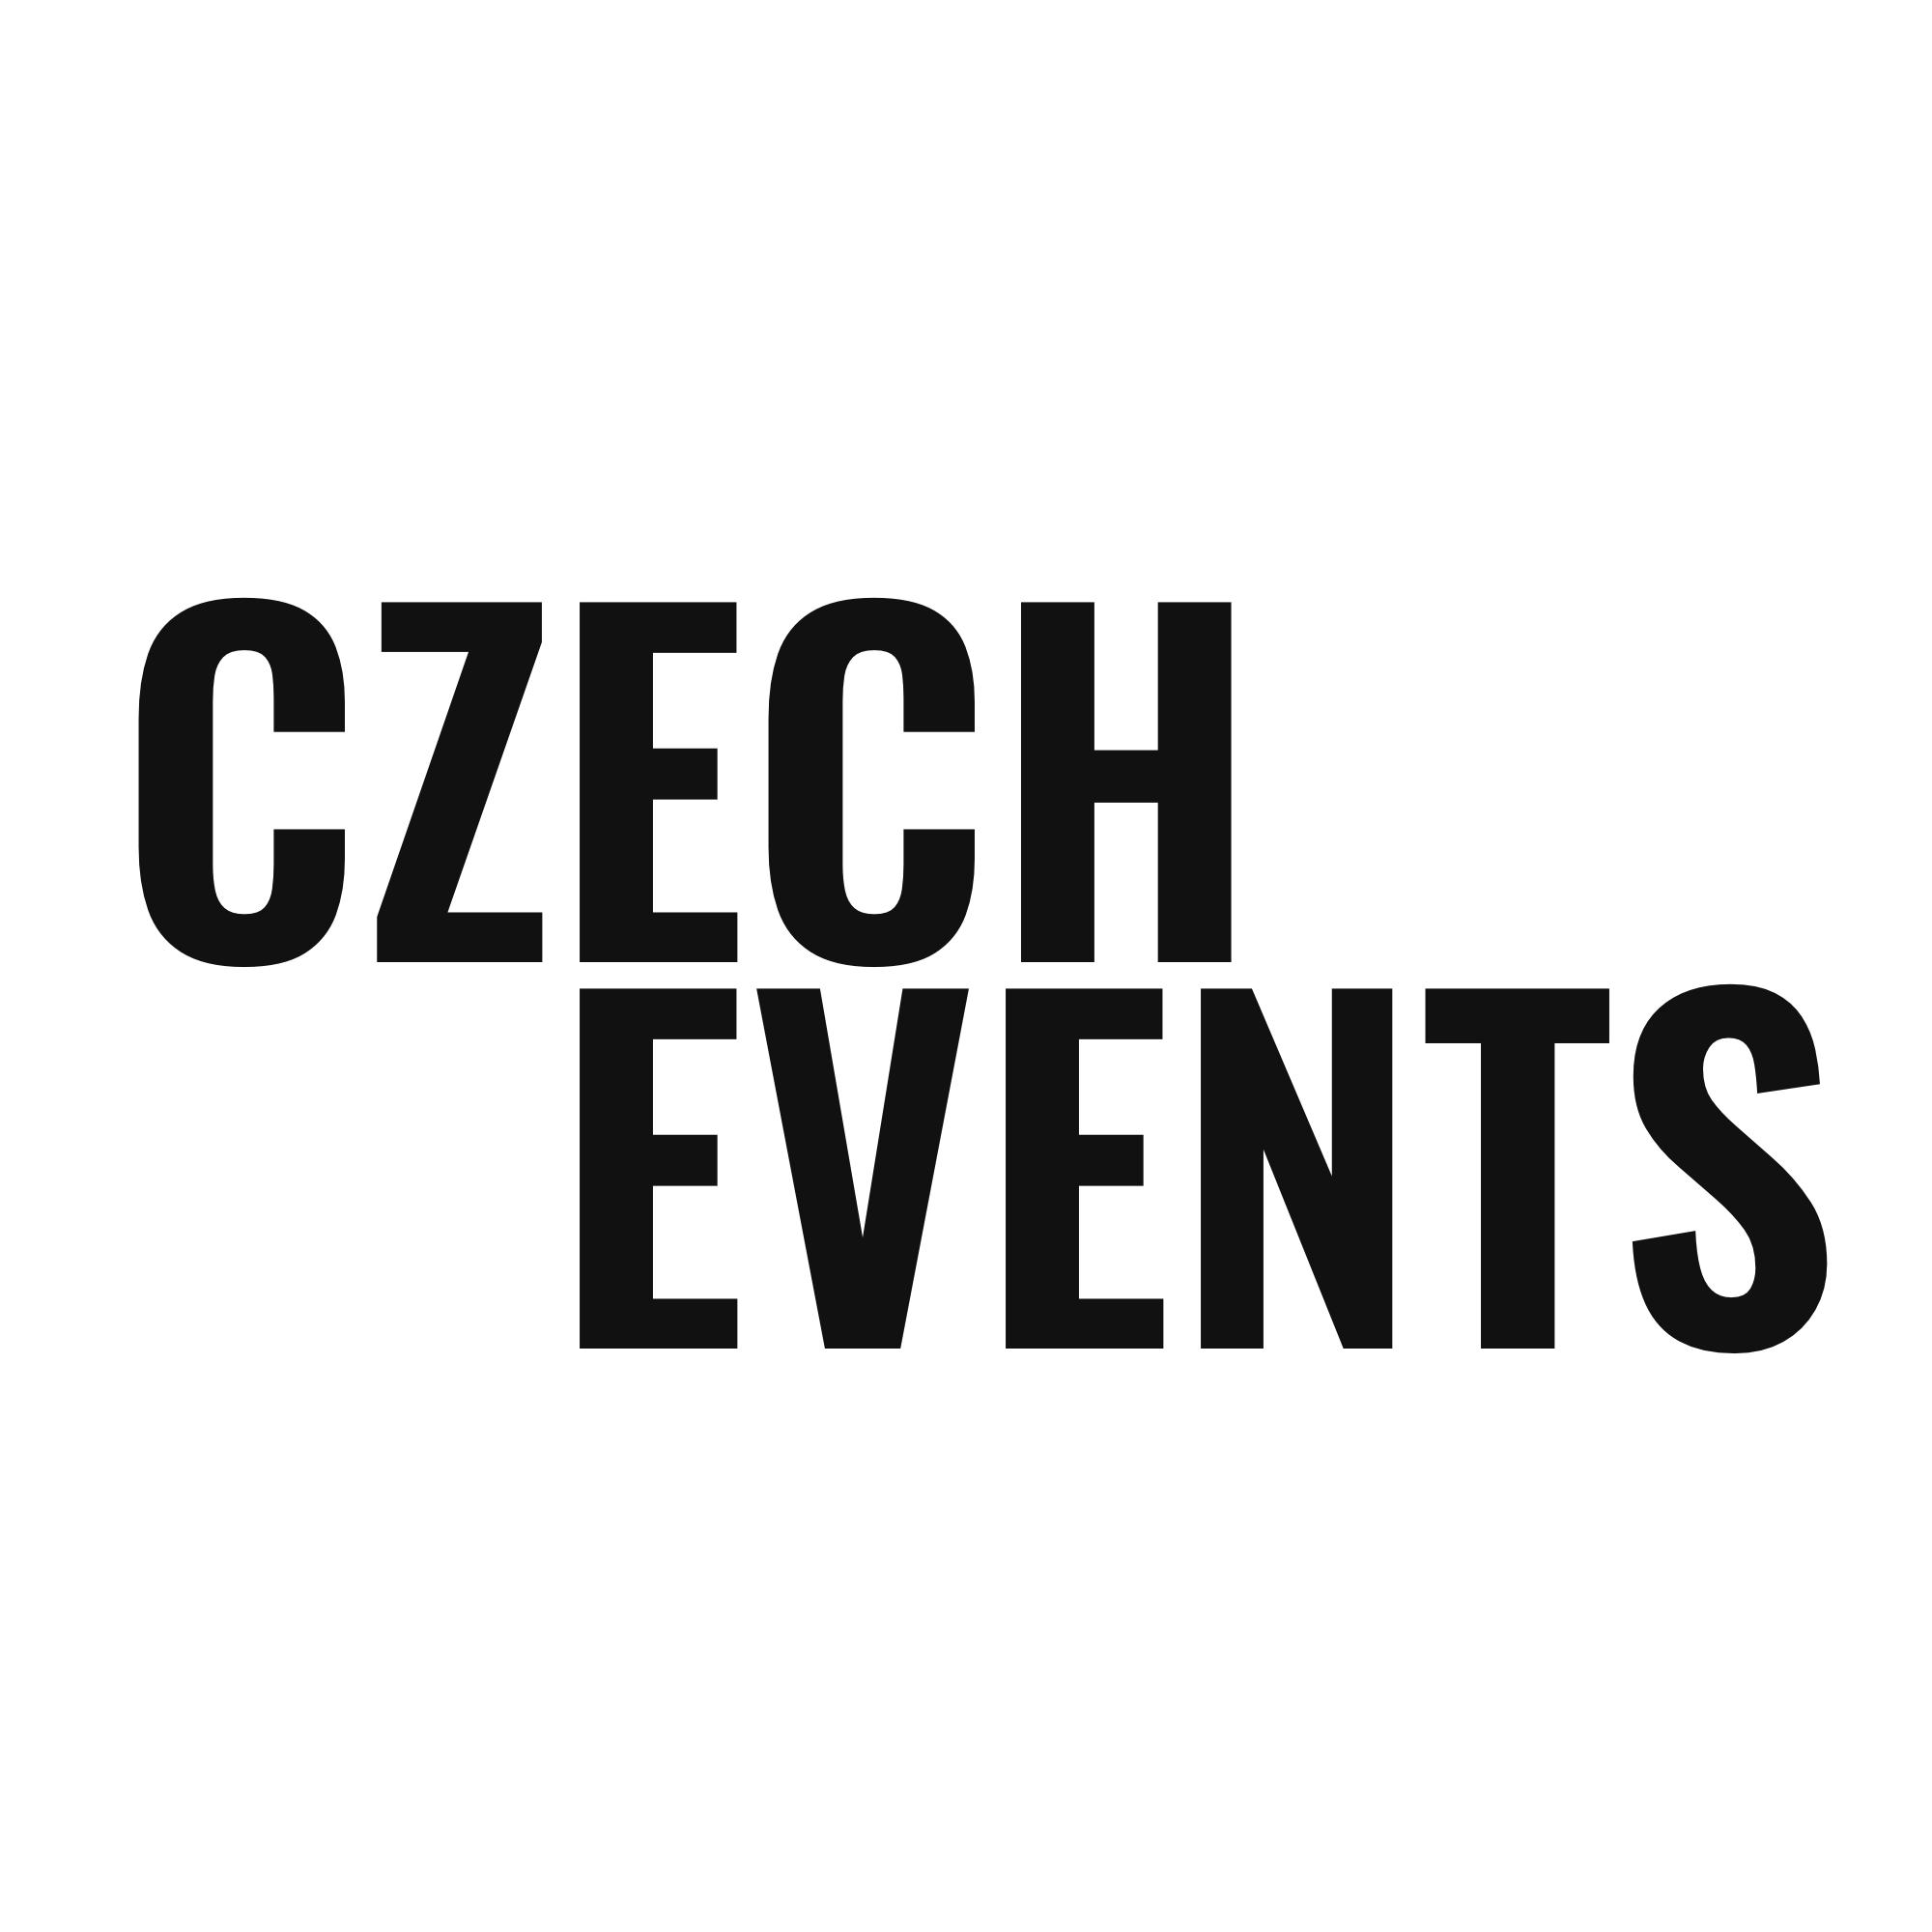 Czech.events